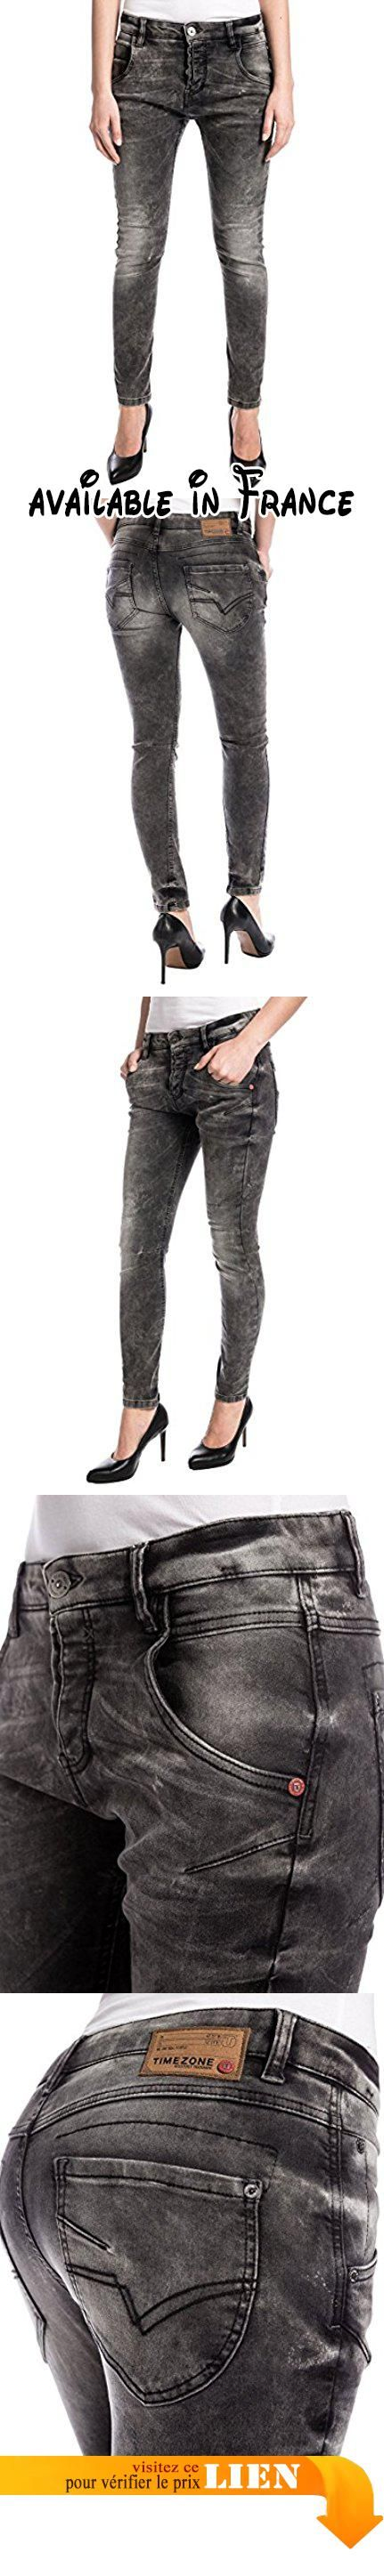 Timezone Rivatz, Jeans Femme, Gris-Grau (Smut Black Wash 3998), 29 W/34 L.  #Apparel #PANTS